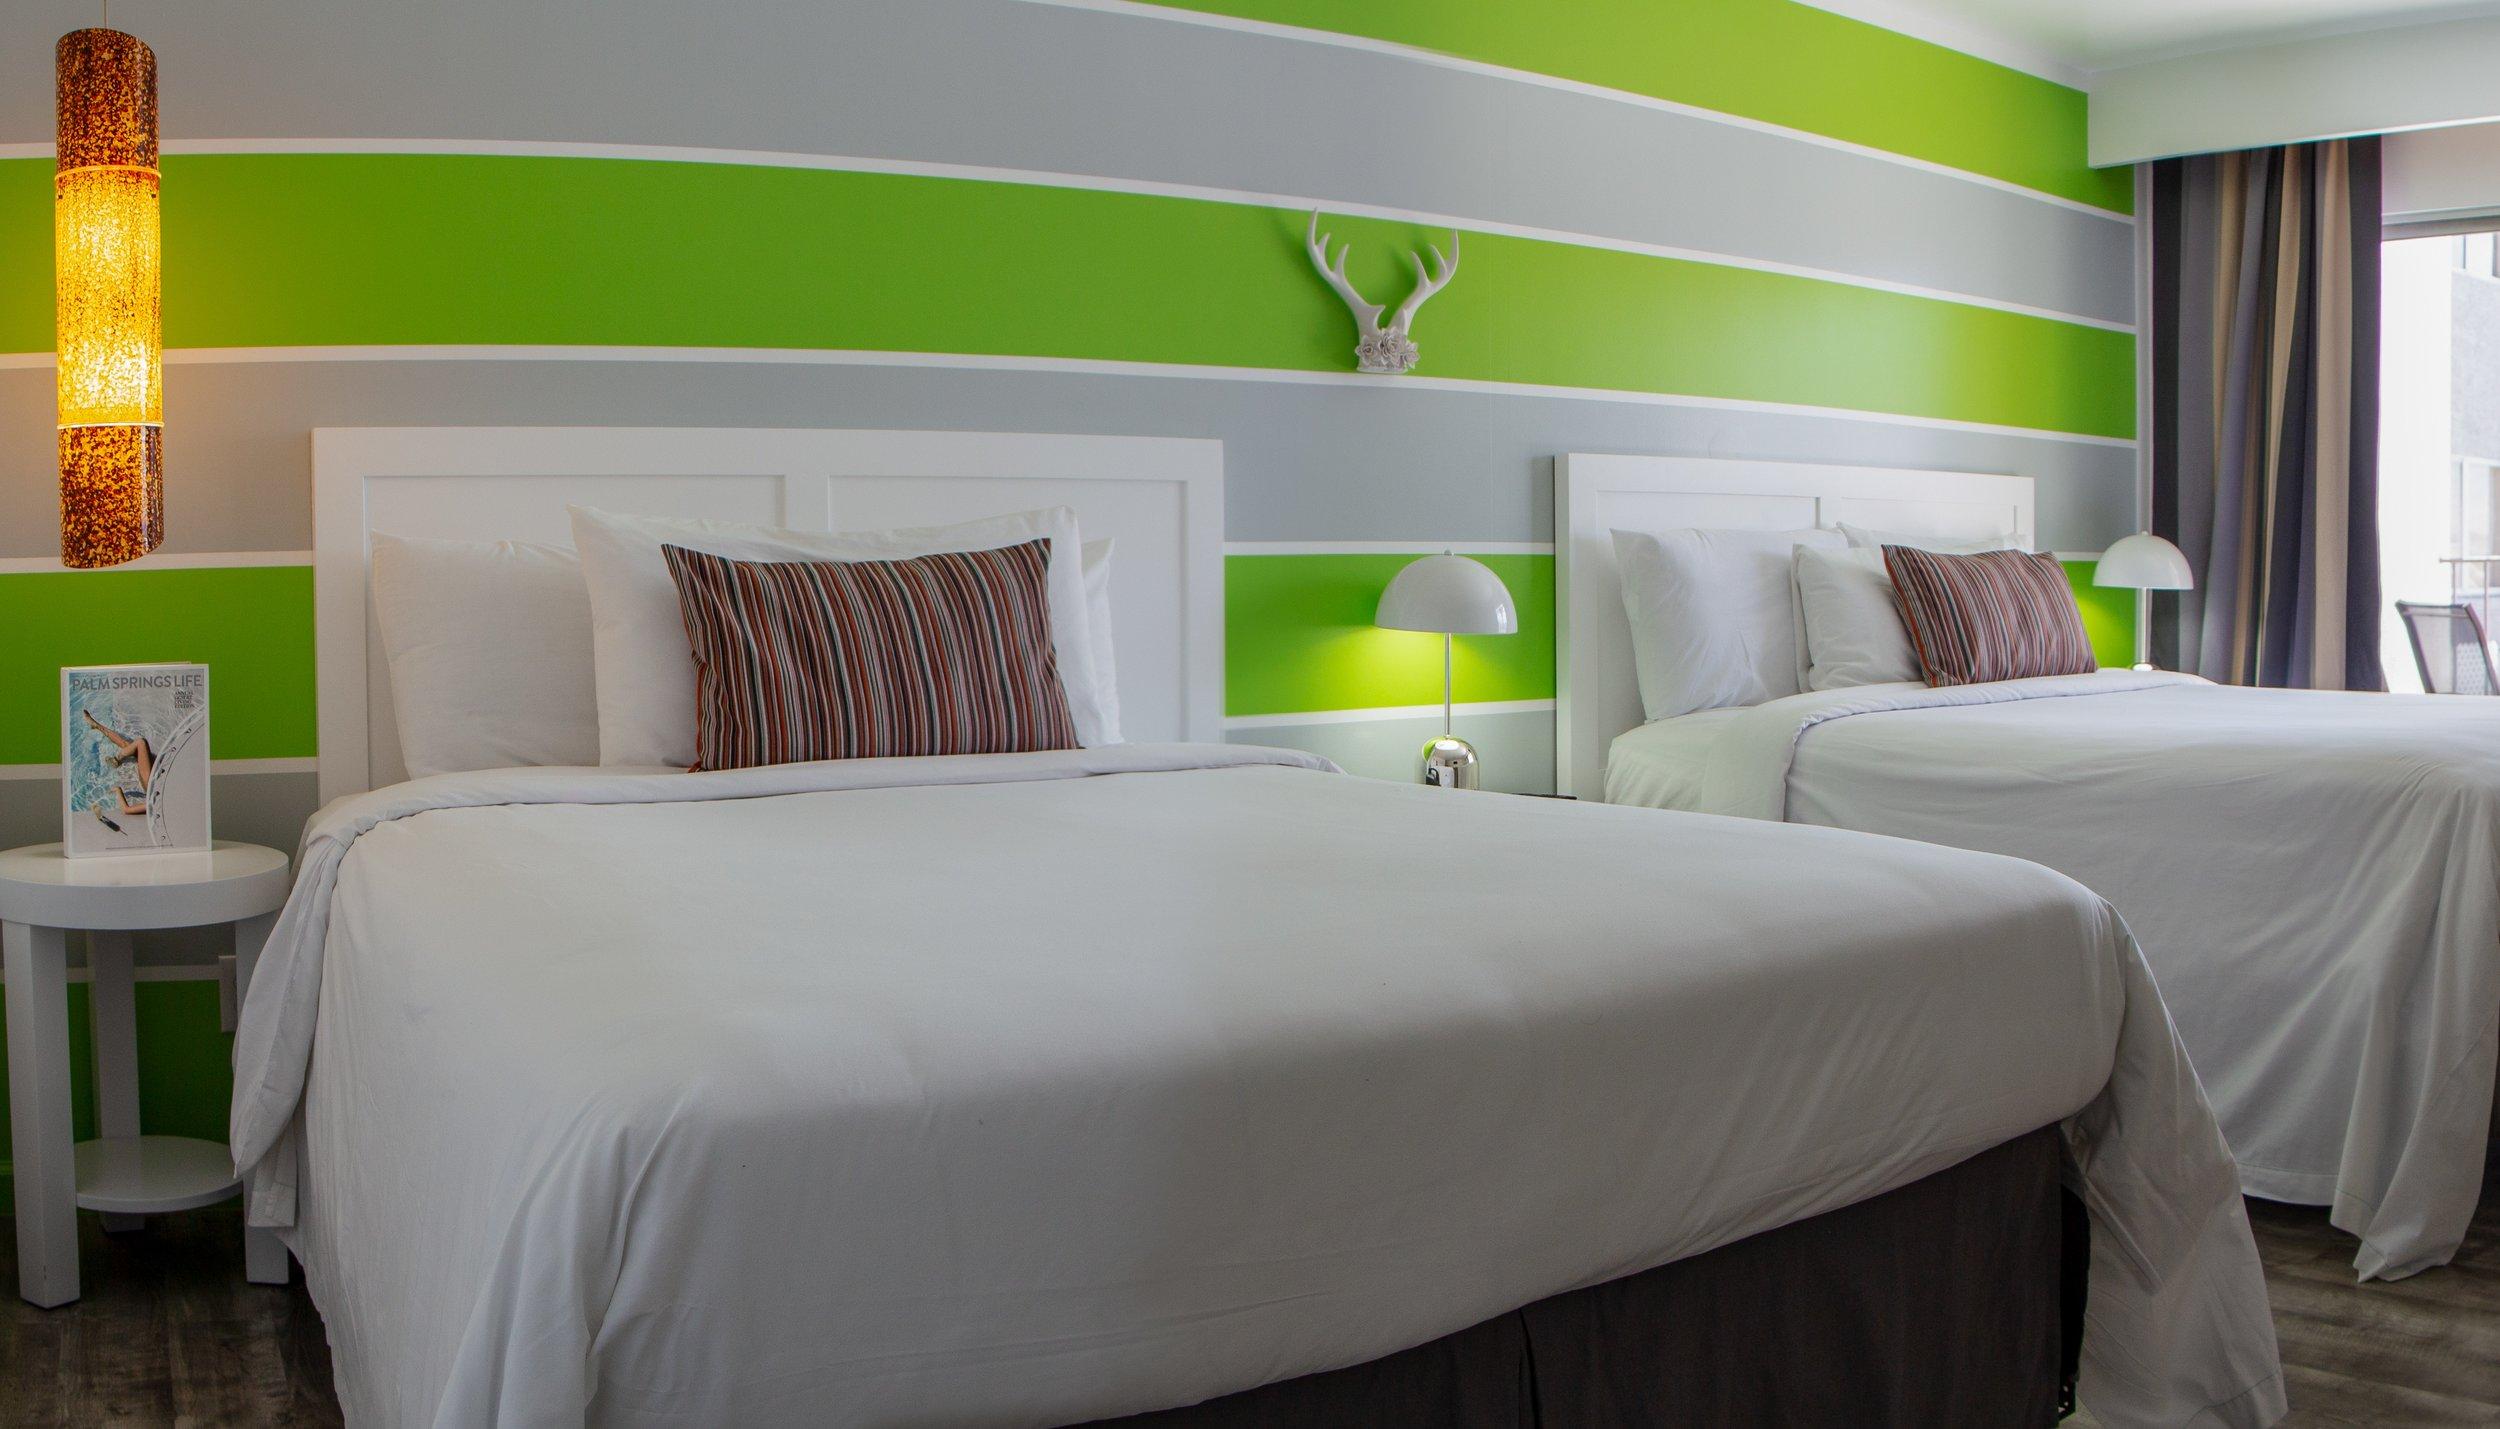 desert-hot-springs-yoga-retreat-resort-double-room.jpg